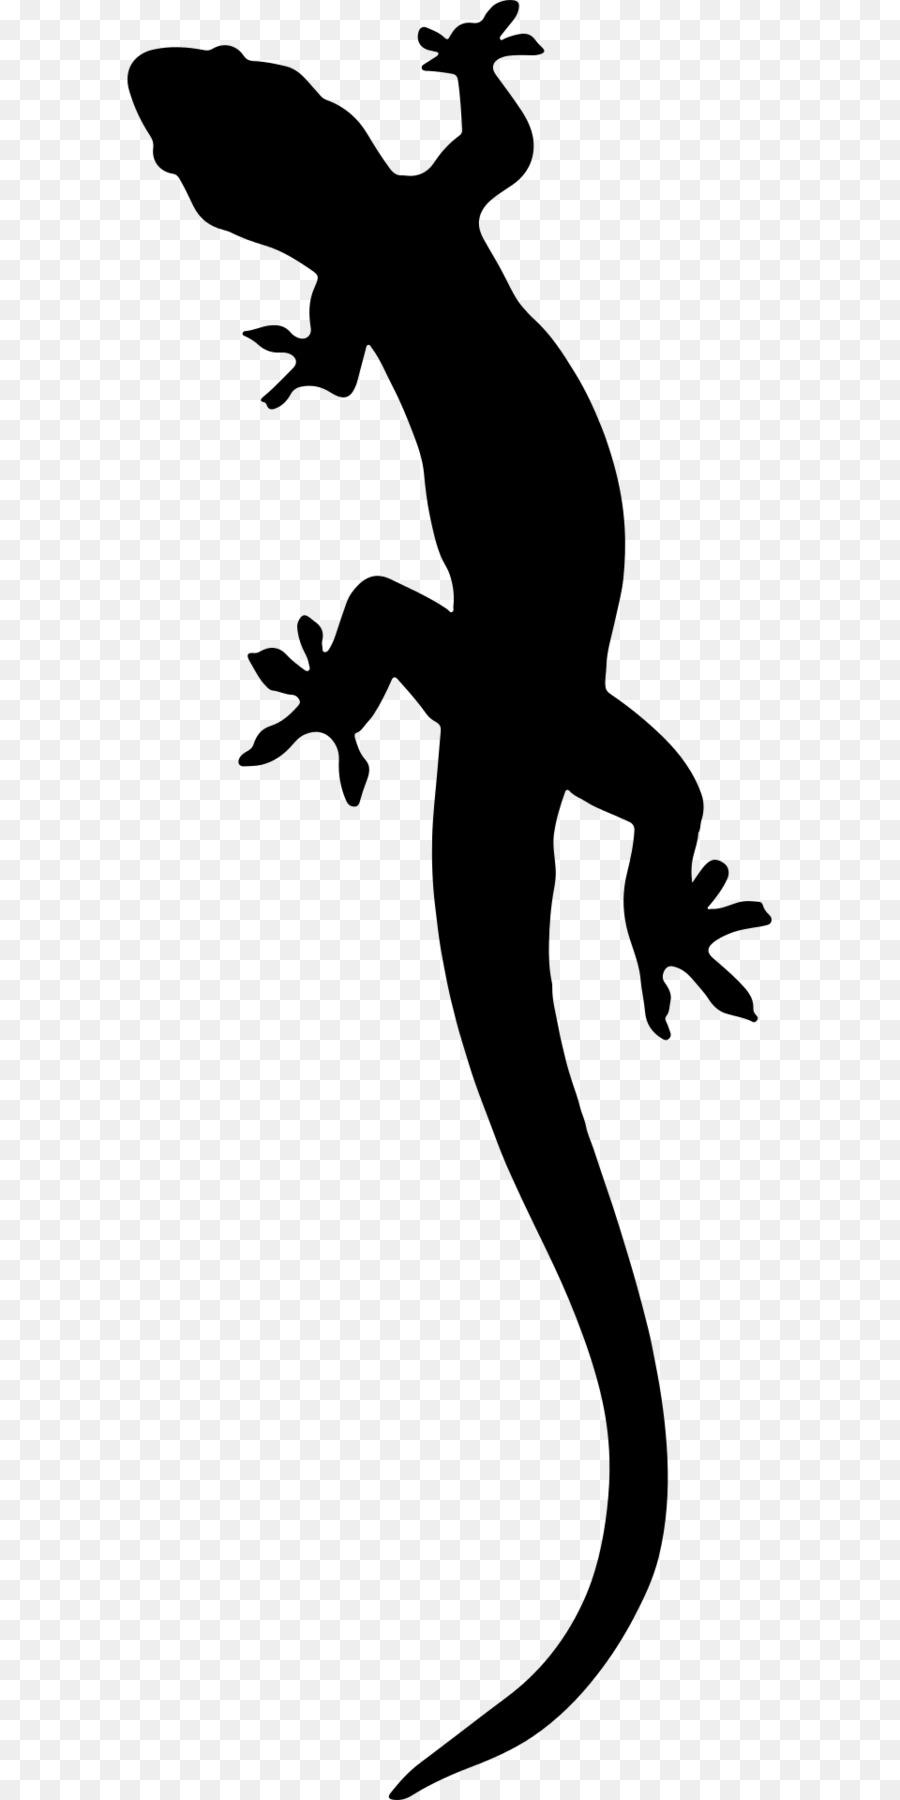 salamander lizard clip art salamander png download 960 1920 rh kisspng com  cute salamander clipart